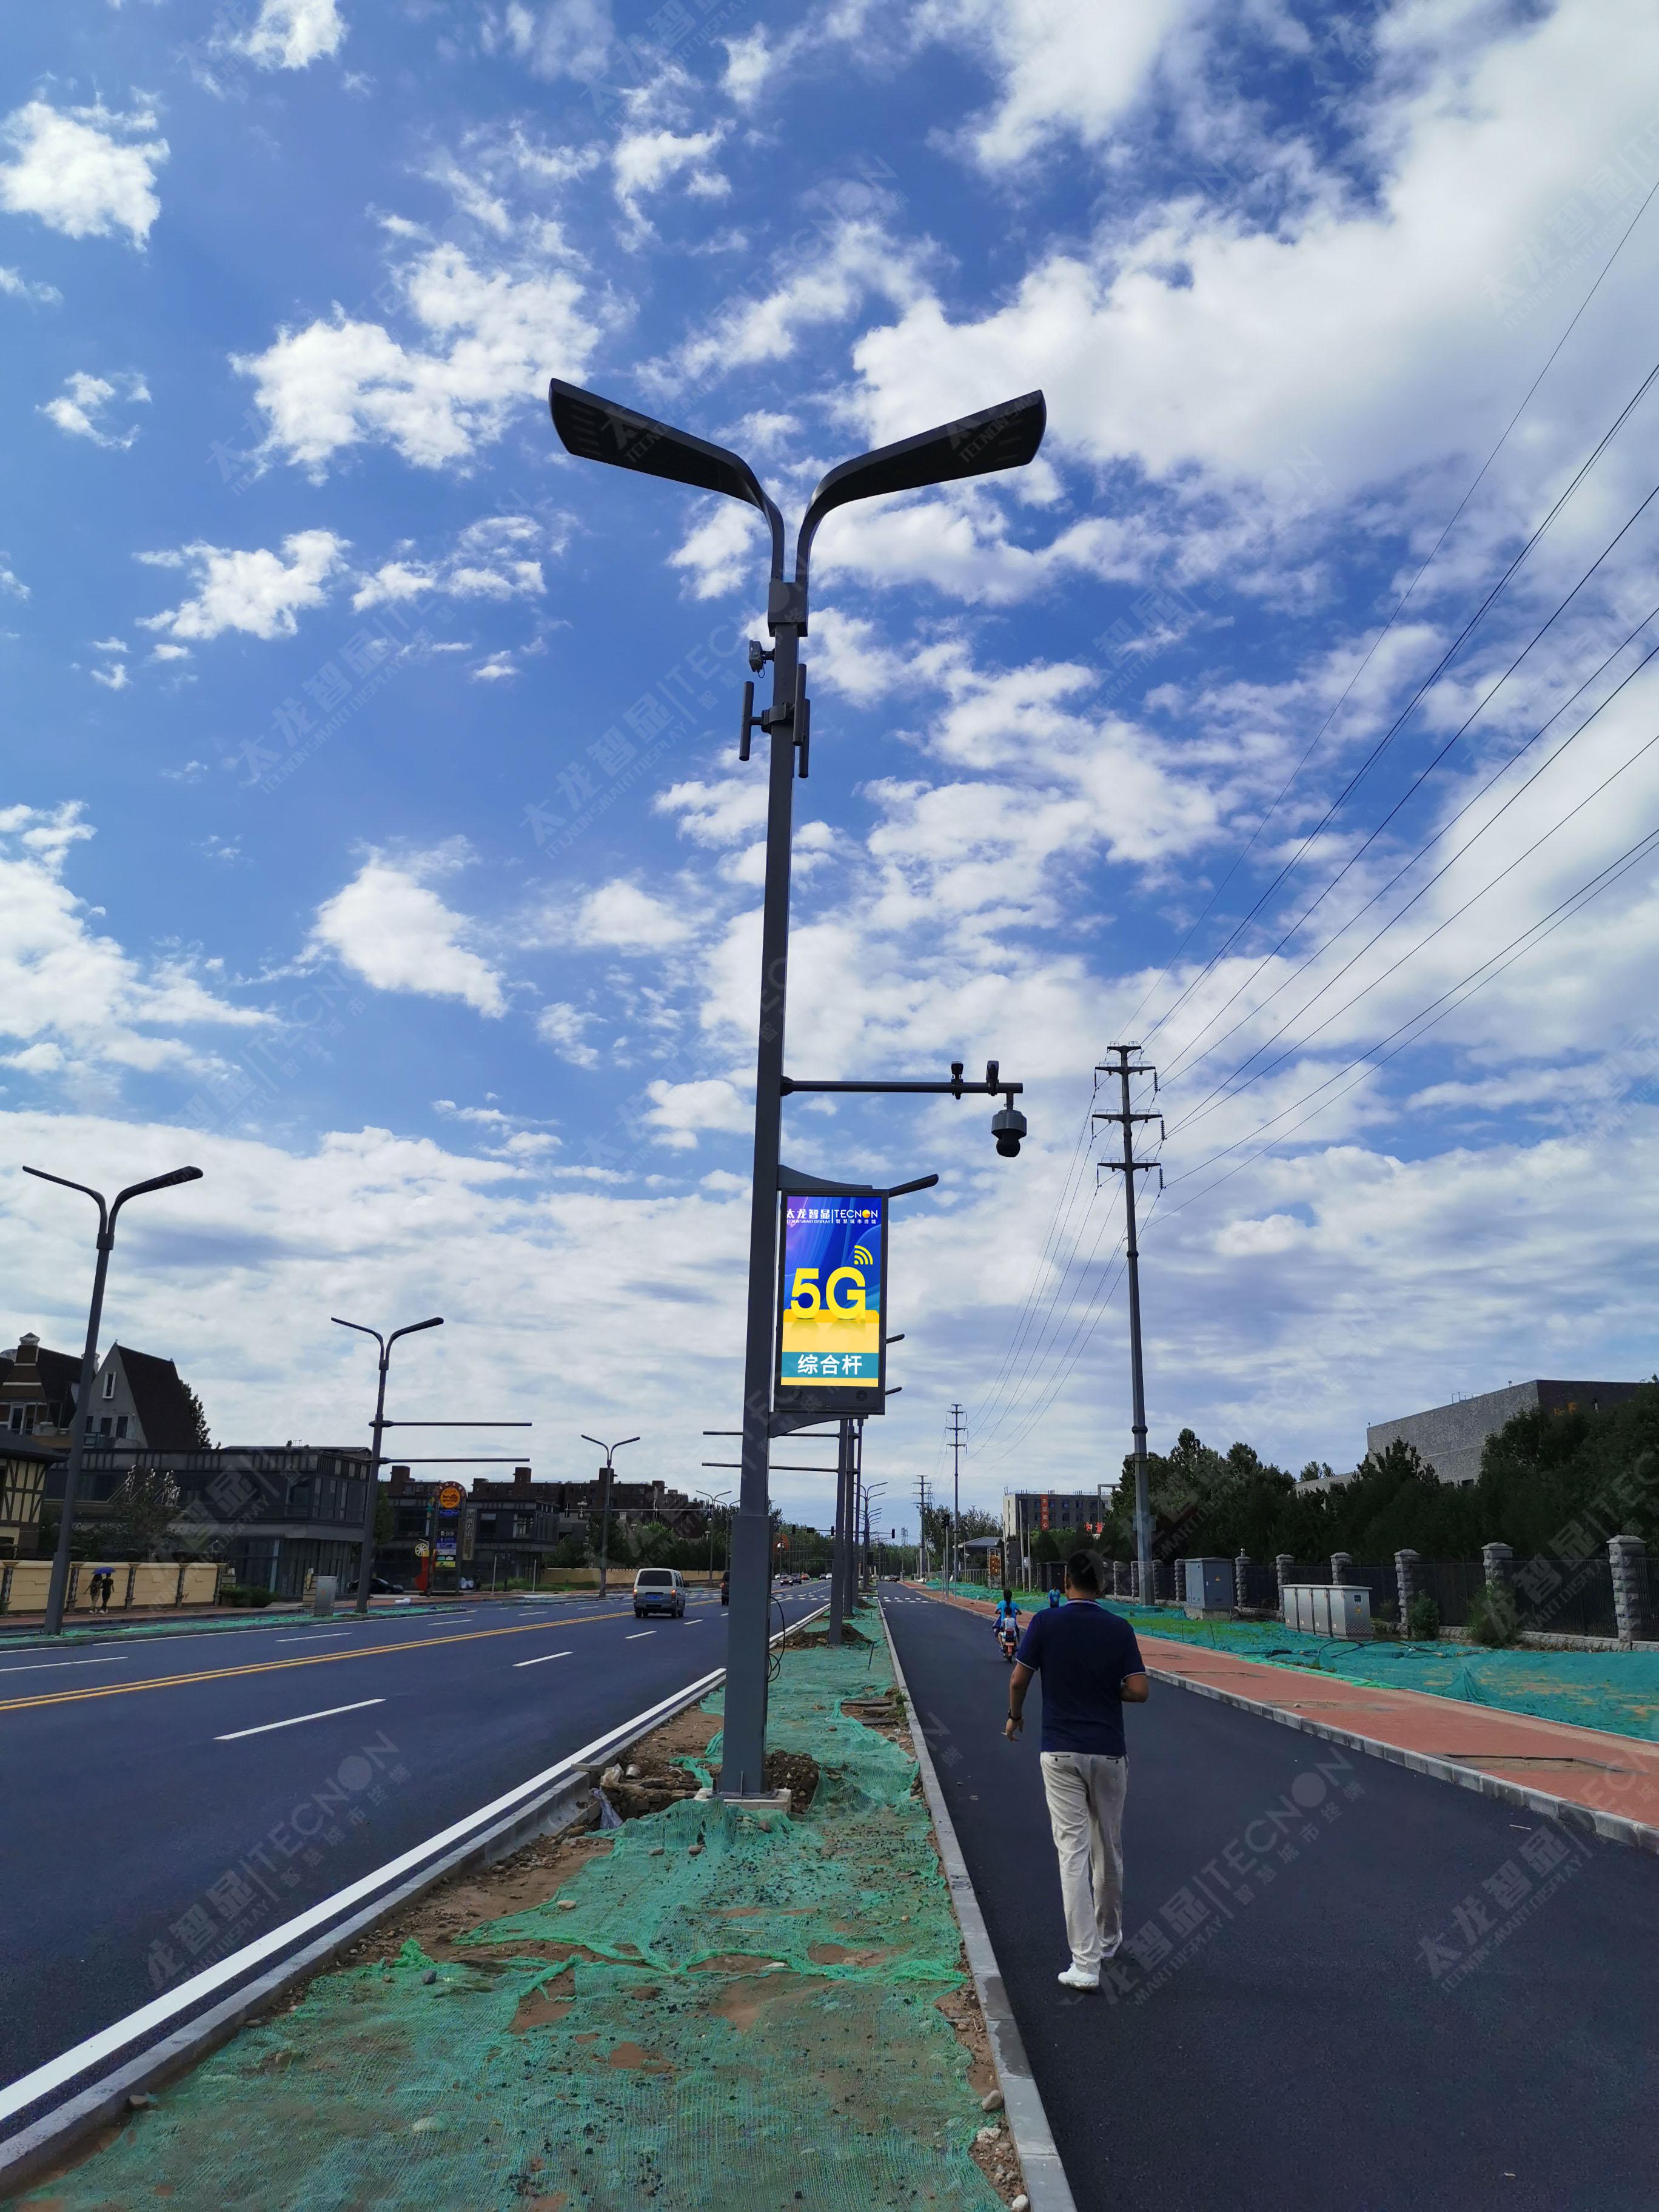 PG电子麻将胡了-网页版-智慧需求大幅上涨,LED灯杆屏开启全新路灯应用时代!